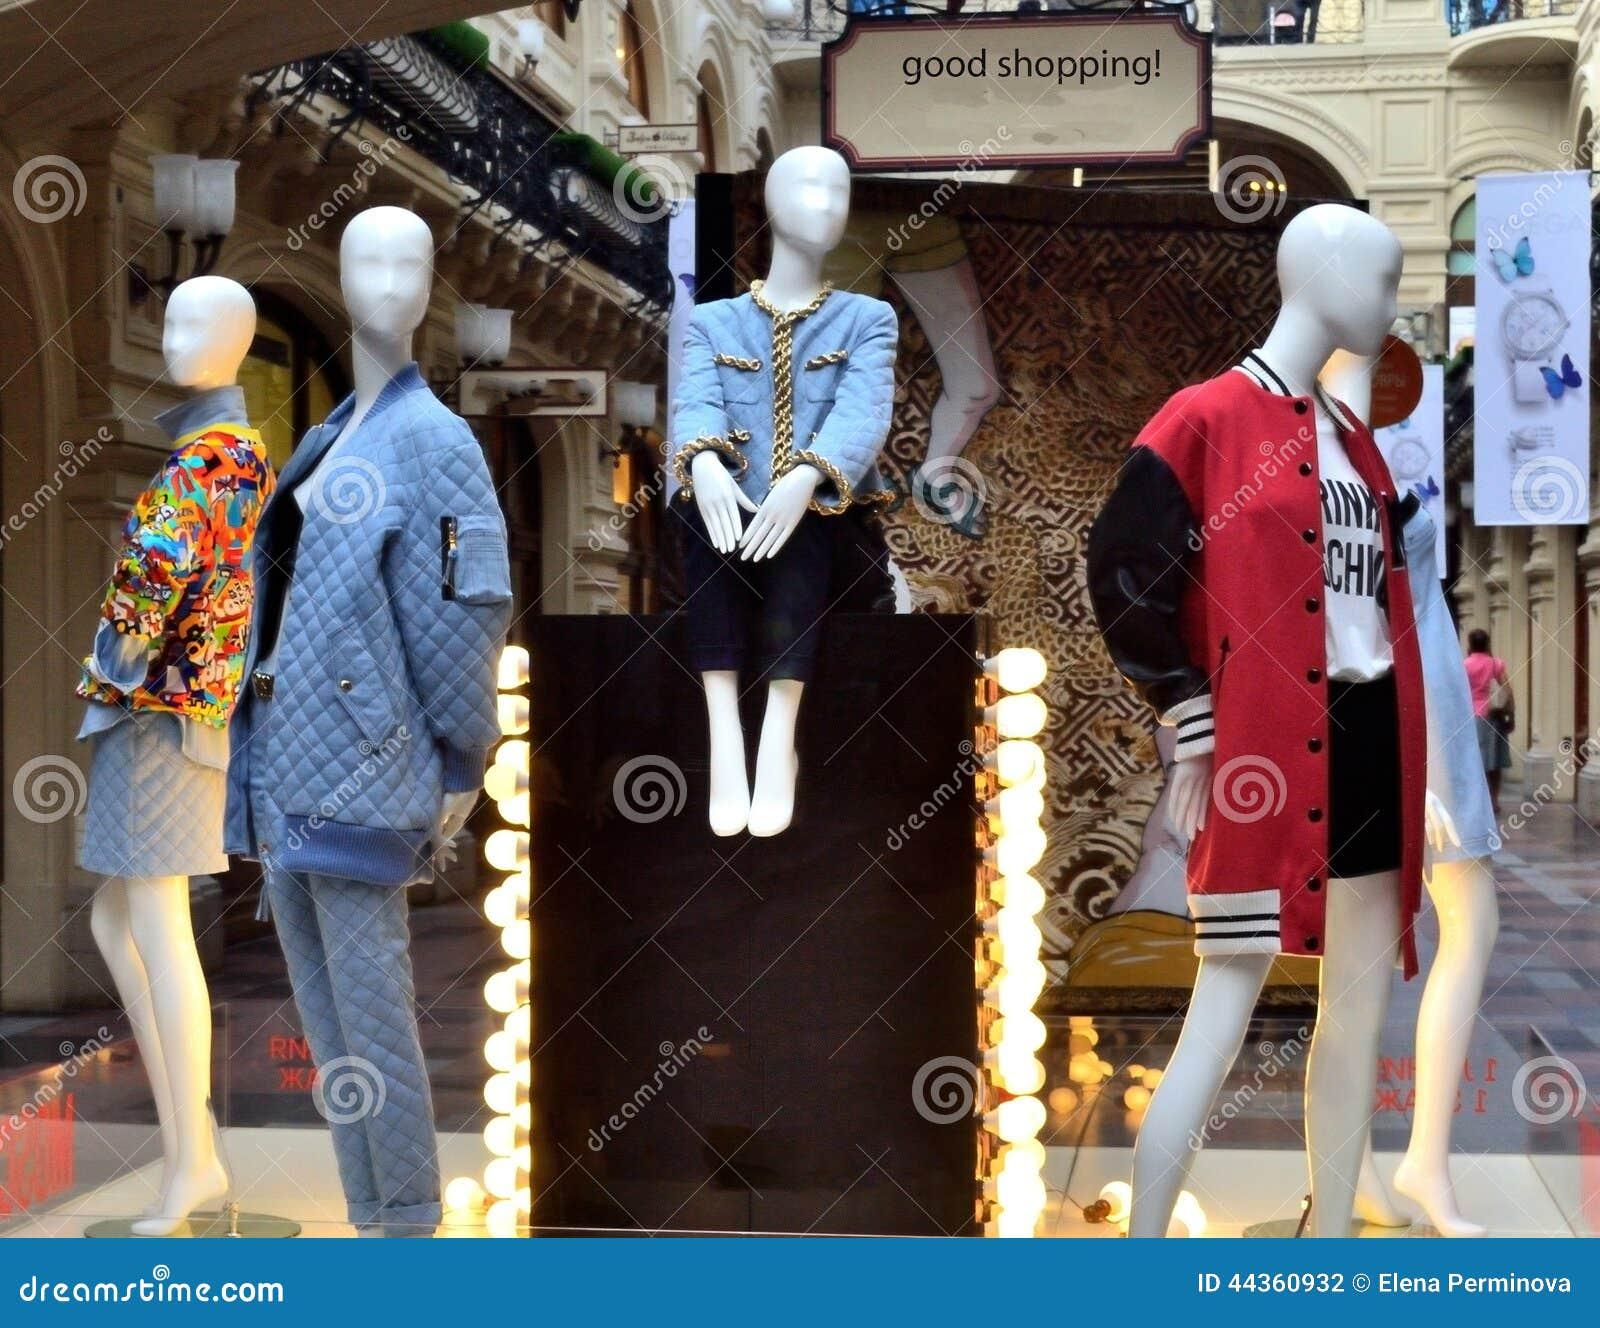 Dimostrazione dei vestiti nello shope